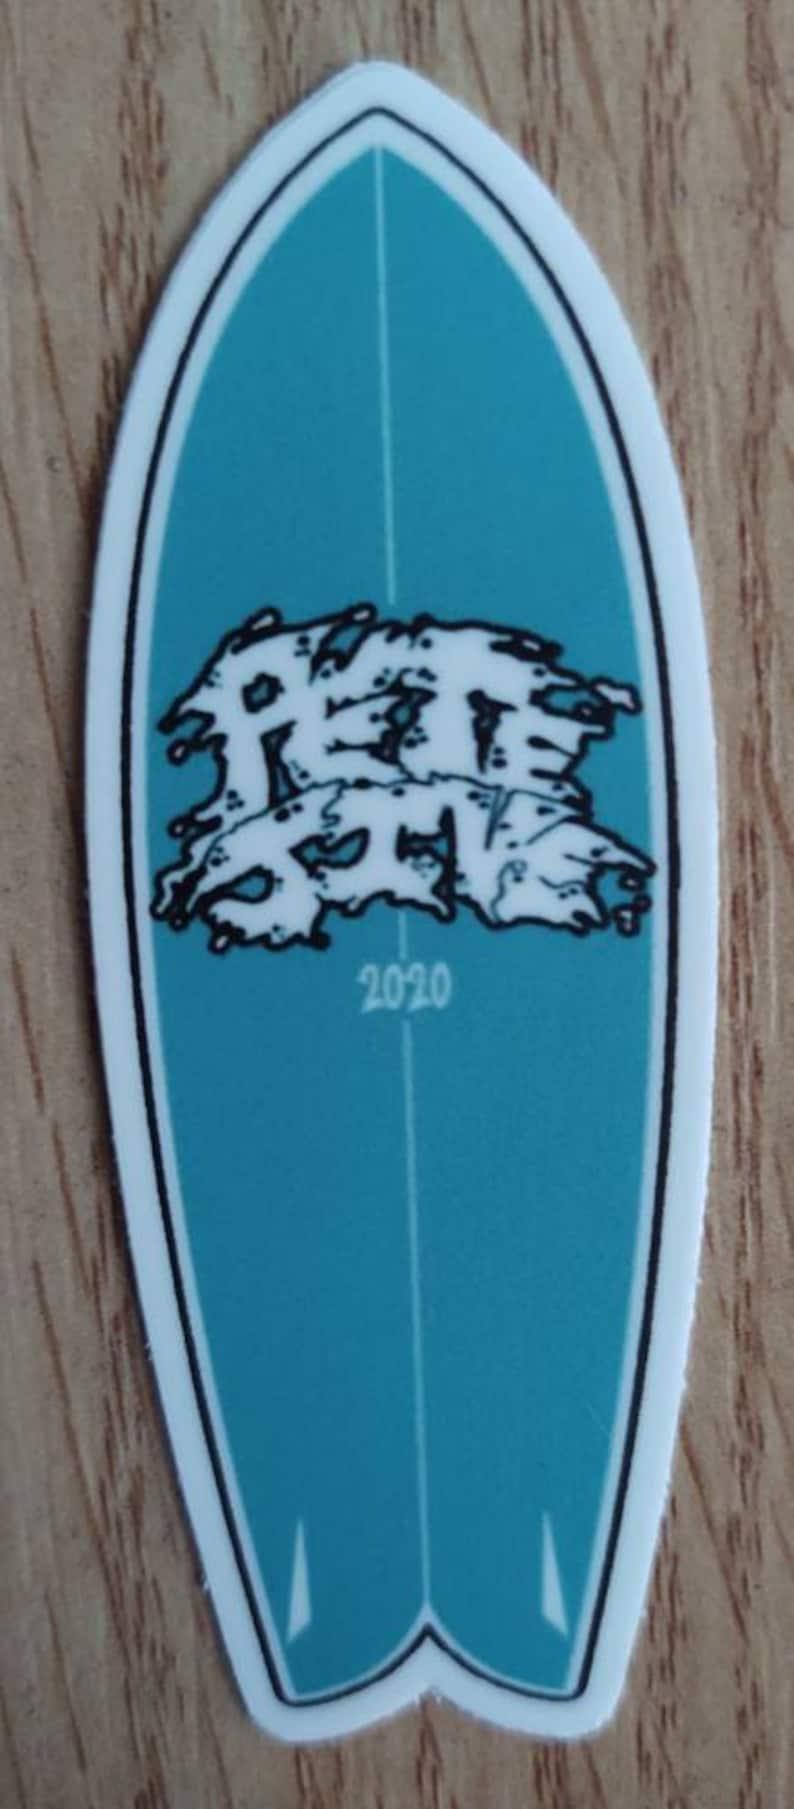 Jive Surfboard 3 sticker image 0